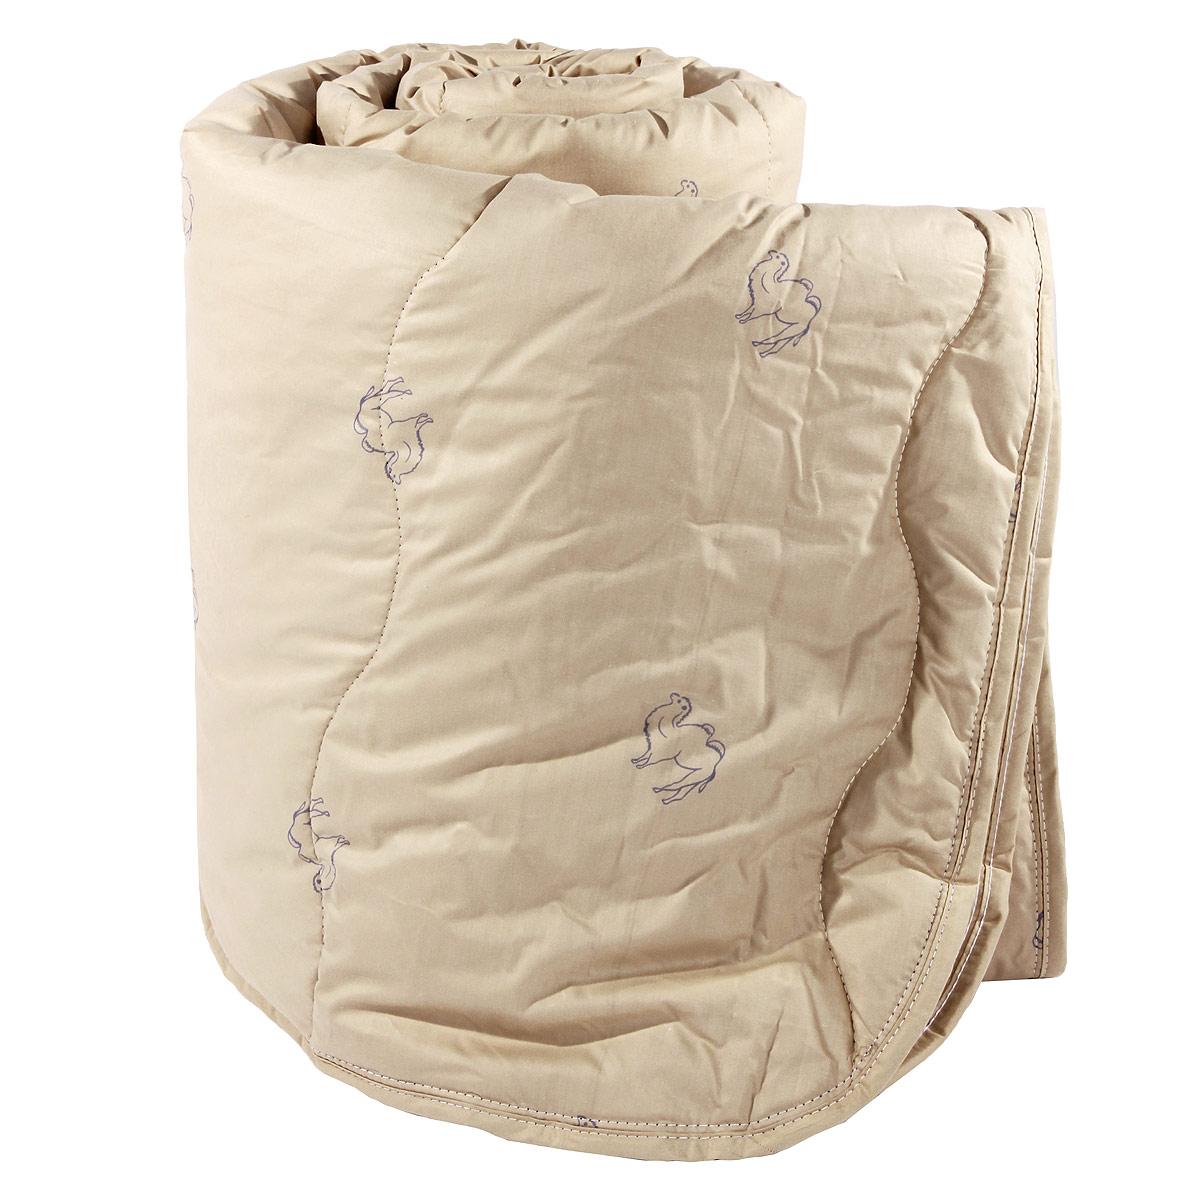 Одеяло Verossa, наполнитель: верблюжья шерсть, 172 х 205 см170583;170583Одеяло Verossa представляет собой стеганый чехол из натурального хлопка с наполнителем из верблюжьей шерсти.Наполнитель обладает высокой гигроскопичностью, создавая эффект сухого тепла. Волокна верблюжьей шерсти полые внутри, образуют пласт, содержащий множество воздушных кармашков, которые равномерно сохраняют и распределяют тепло, обеспечивая естественную терморегуляцию в жару и холод.Верблюжья шерсть обладает рядом уникальных лечебных свойств, благодаря которым расширяются сосуды, усиливается микроциркуляция крови. Шерсть снимает статическое напряжение, благоприятно воздействует на опорно-двигательный аппарат.Одеяло, выстеганное оригинальным узором Барханы, украсит ваш дом и подарит наслаждение от отдыха.Одеяло упаковано в прозрачный пластиковый чехол на змейке с ручкой, что является чрезвычайно удобным при переноске. Характеристики:Материал чехла: перкаль (100% хлопок). Наполнитель: верблюжья шерсть. Масса наполнителя: 300 г/м2. Размер одеяла: 172 см х 205 см. Размер упаковки:60 см x 15 см x 45 см. Артикул: 170583.